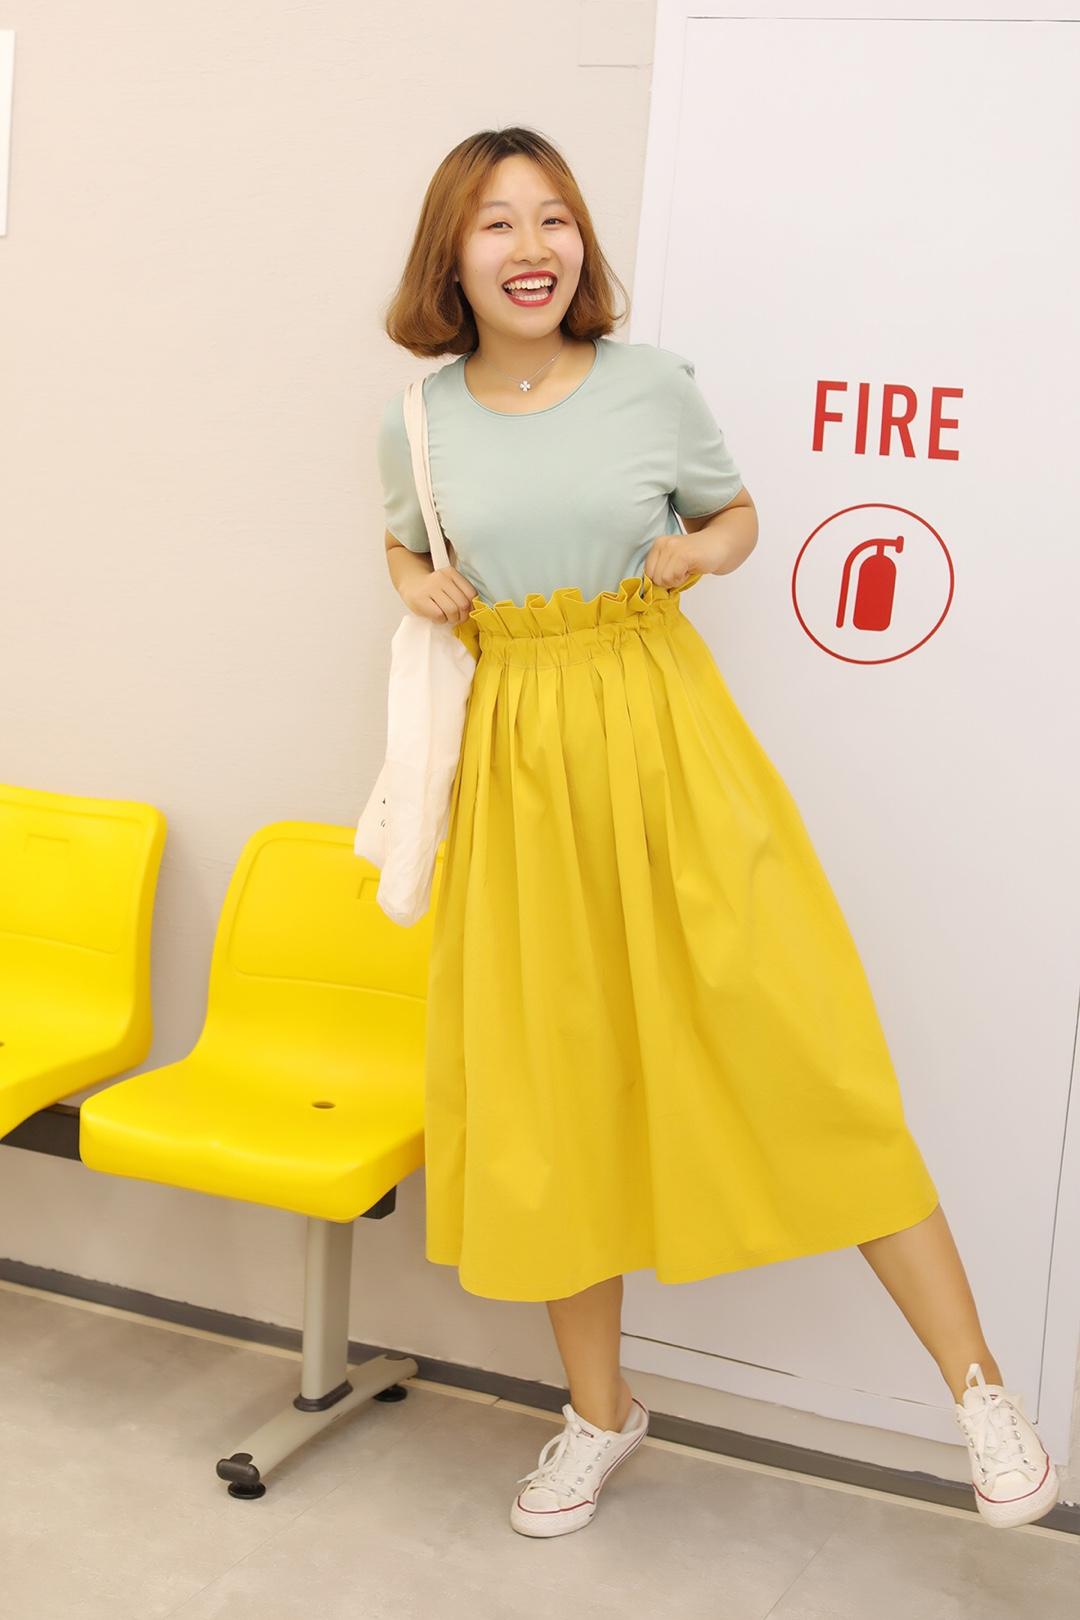 #盘点对梨形身材友好的裙子#  ❤️半身长裙很显腿长! 腰身花边的设计也很特别!! 黄色更是亮眼, 饱和度这样高想不显眼都不行! ❤️浅绿色上衣也是嫩炸了, 条纹元素可以说是很经典了! 任何一件单品都很百搭!